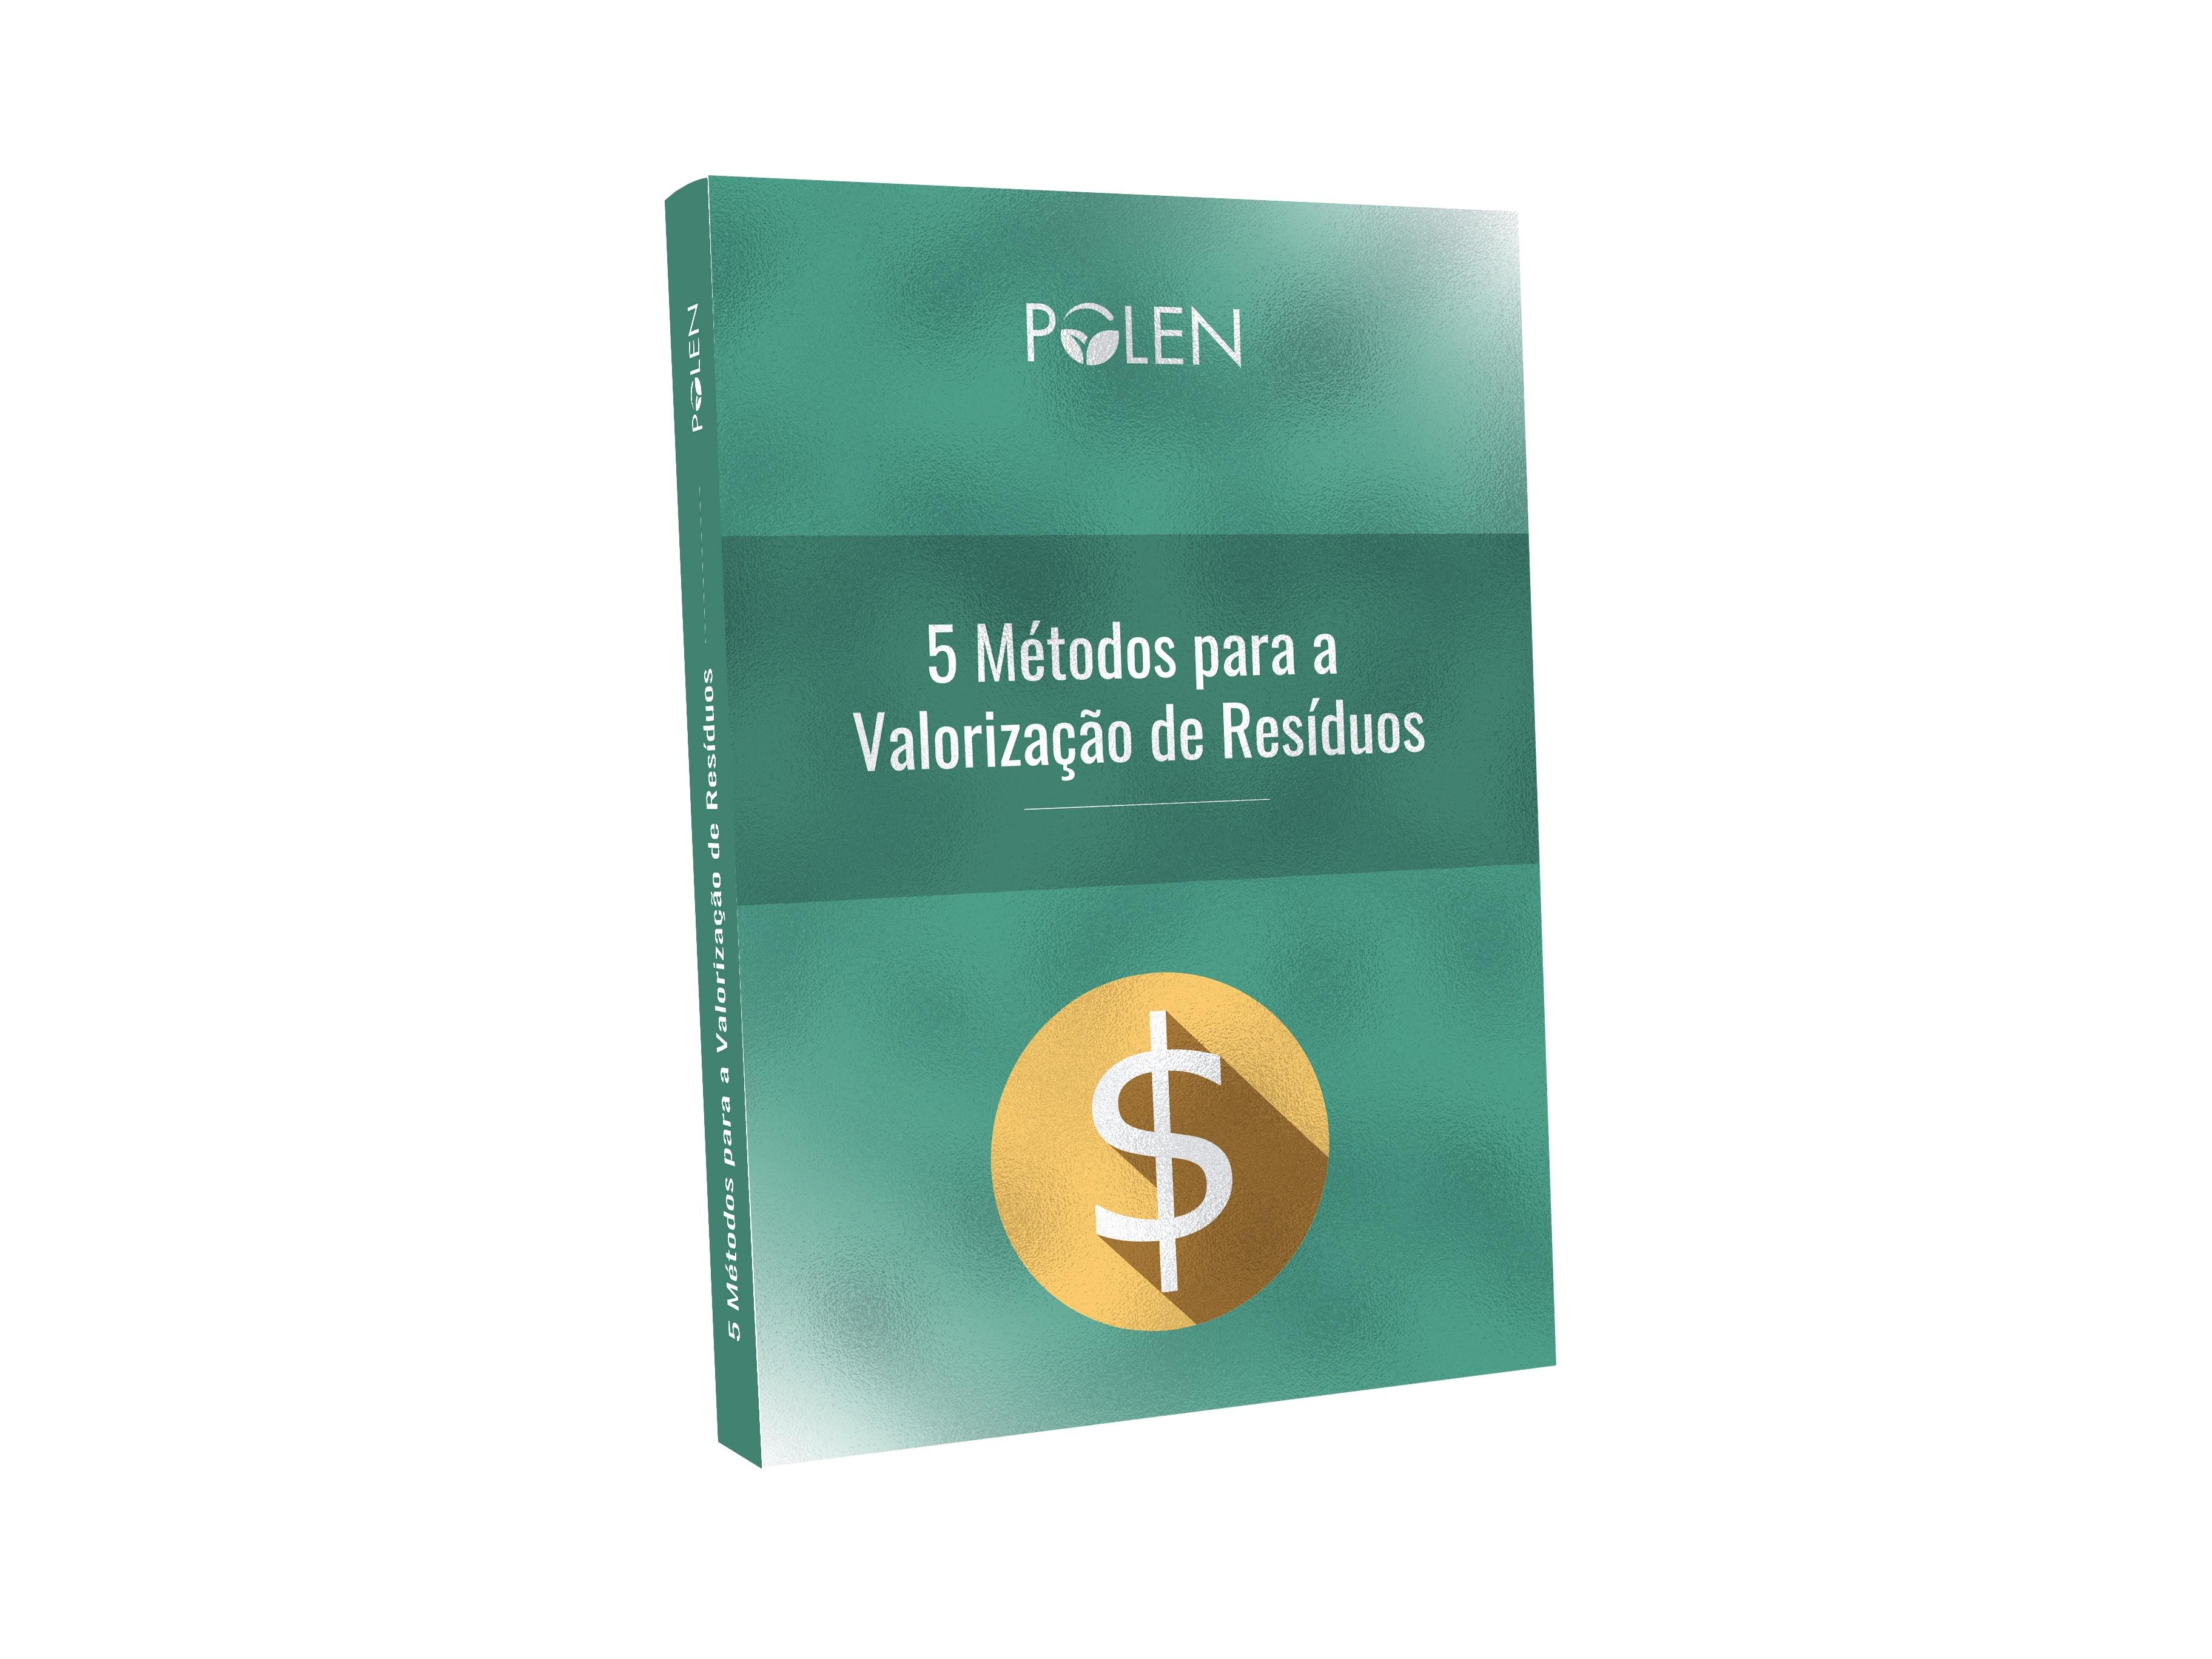 Livro225 métodos para a valorização de resíduos22